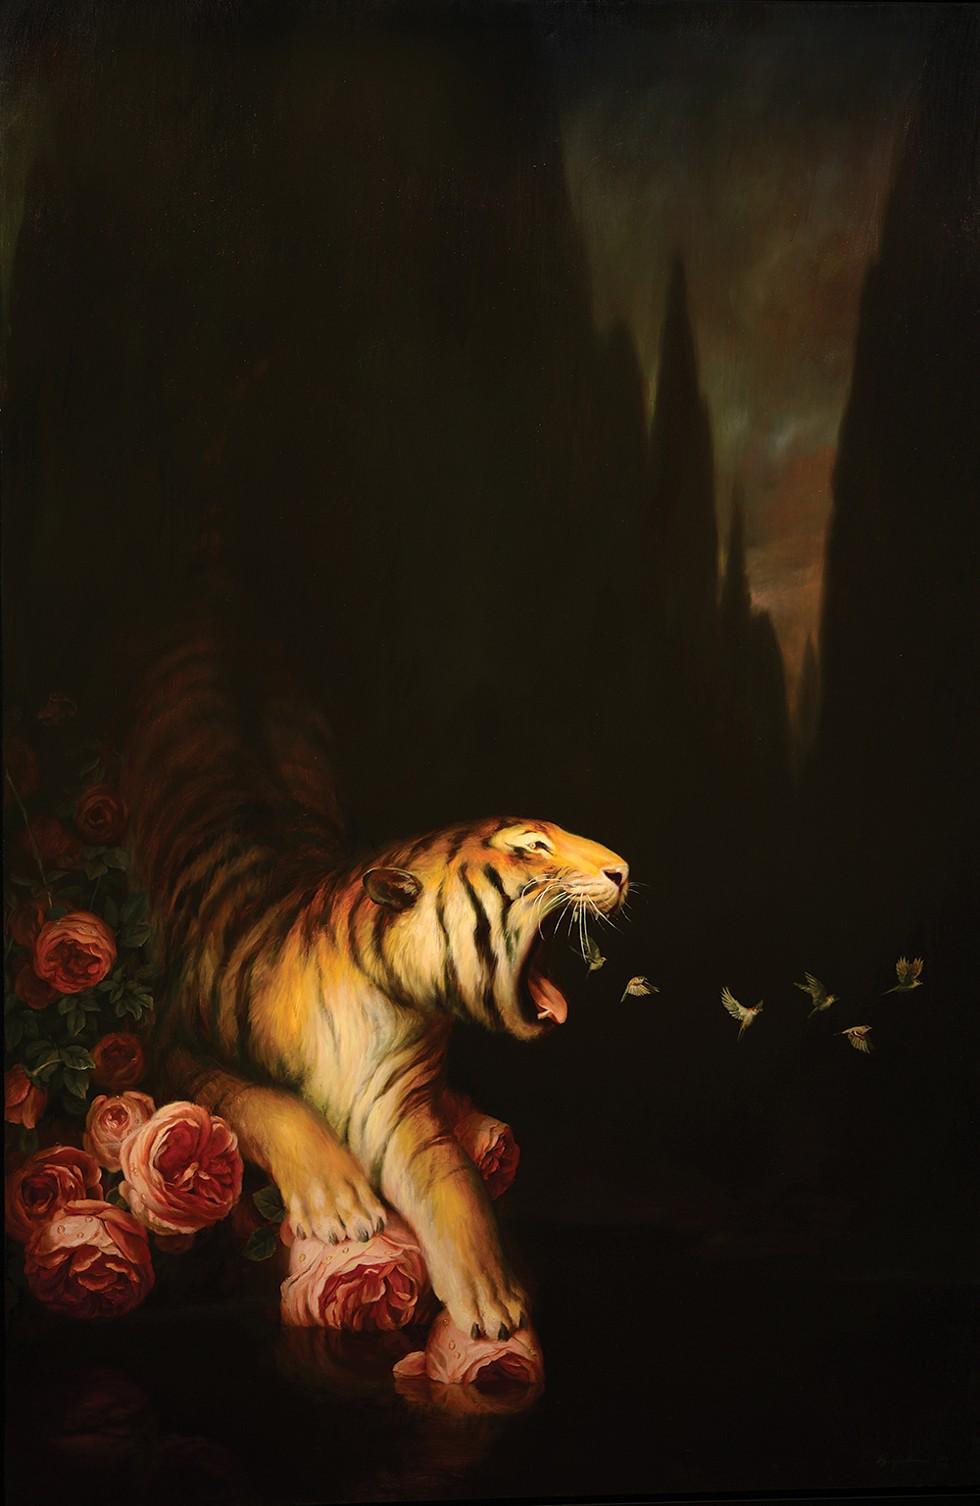 Nocturne I (2013) - MARTIN WITTFOOTH